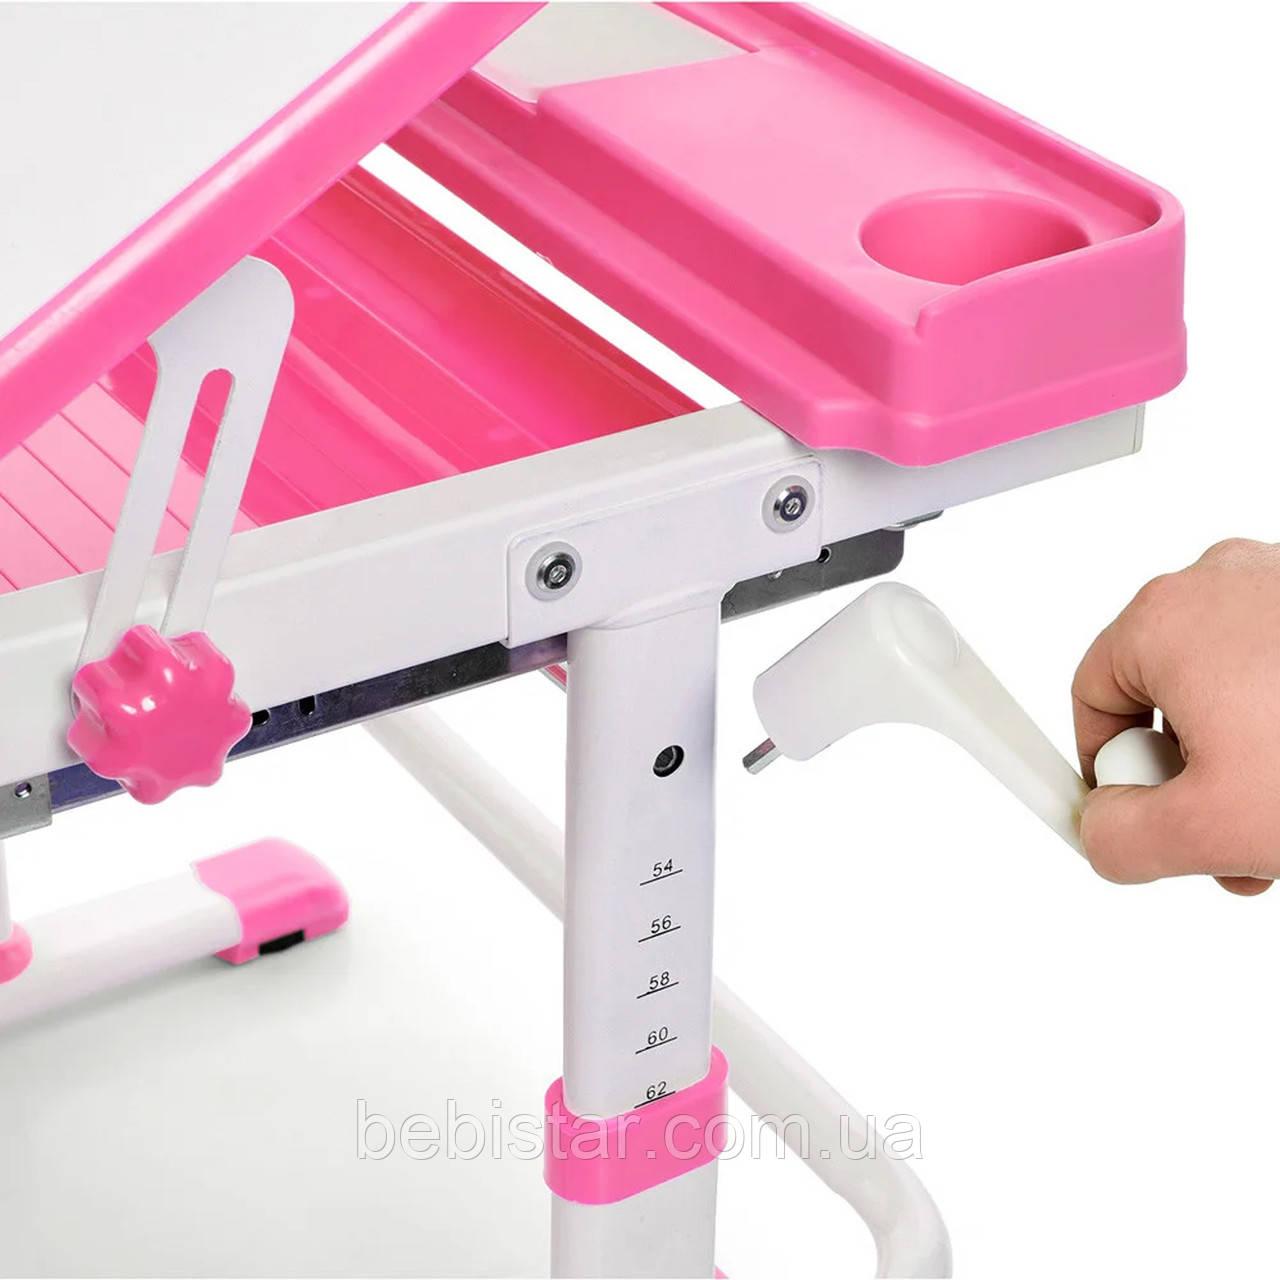 """Детская парта растишка """"Bambi"""" розового цвета трансформер девочке от 3 лет столешница 70 х 38 см - фото 7"""